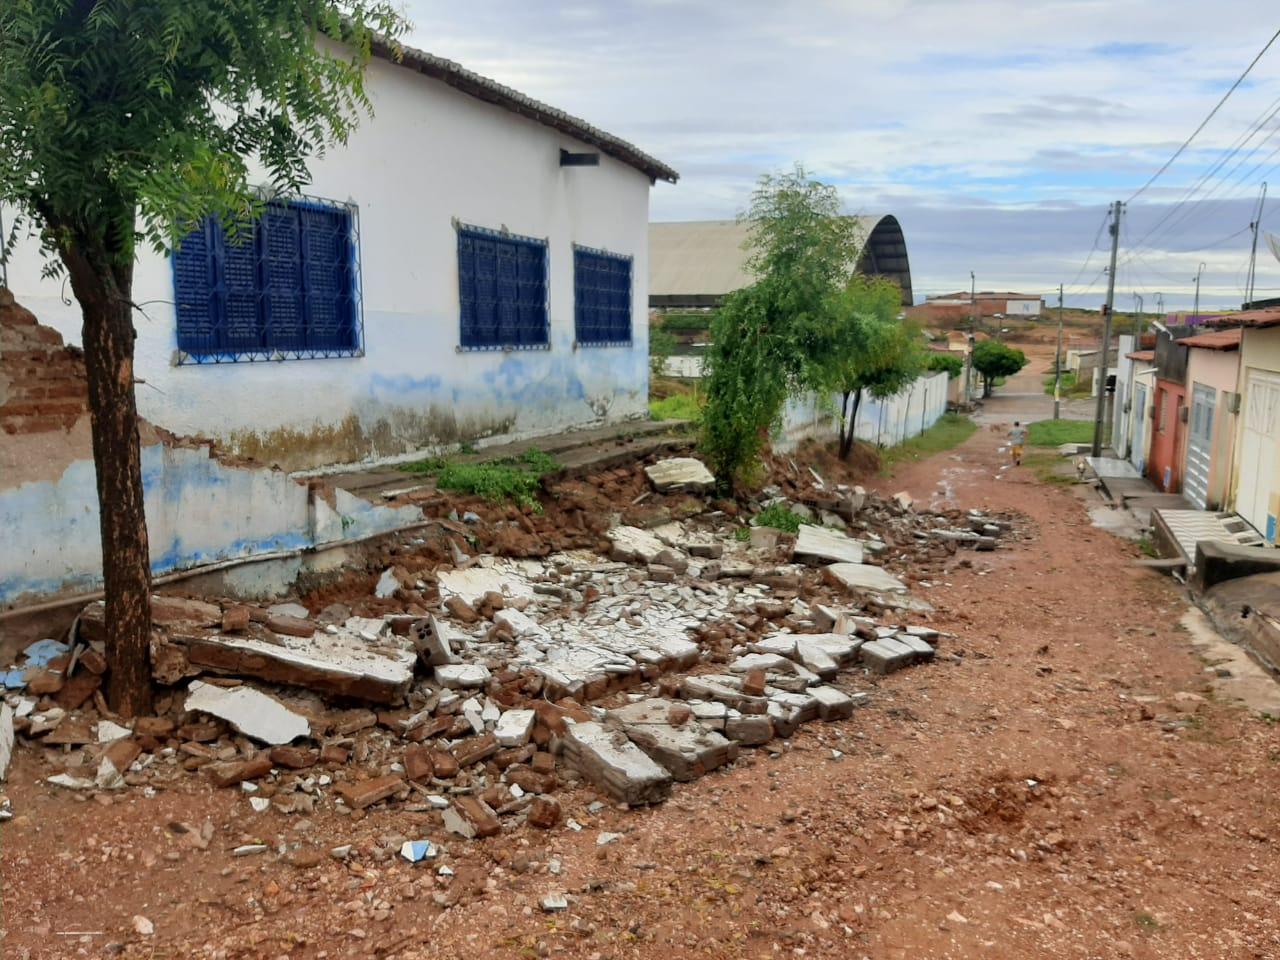 Gestão passada gastou mais de oitocentos mil reais com reforma da Escola Romão Sabiá; atual gestão recebeu prédio sucateado